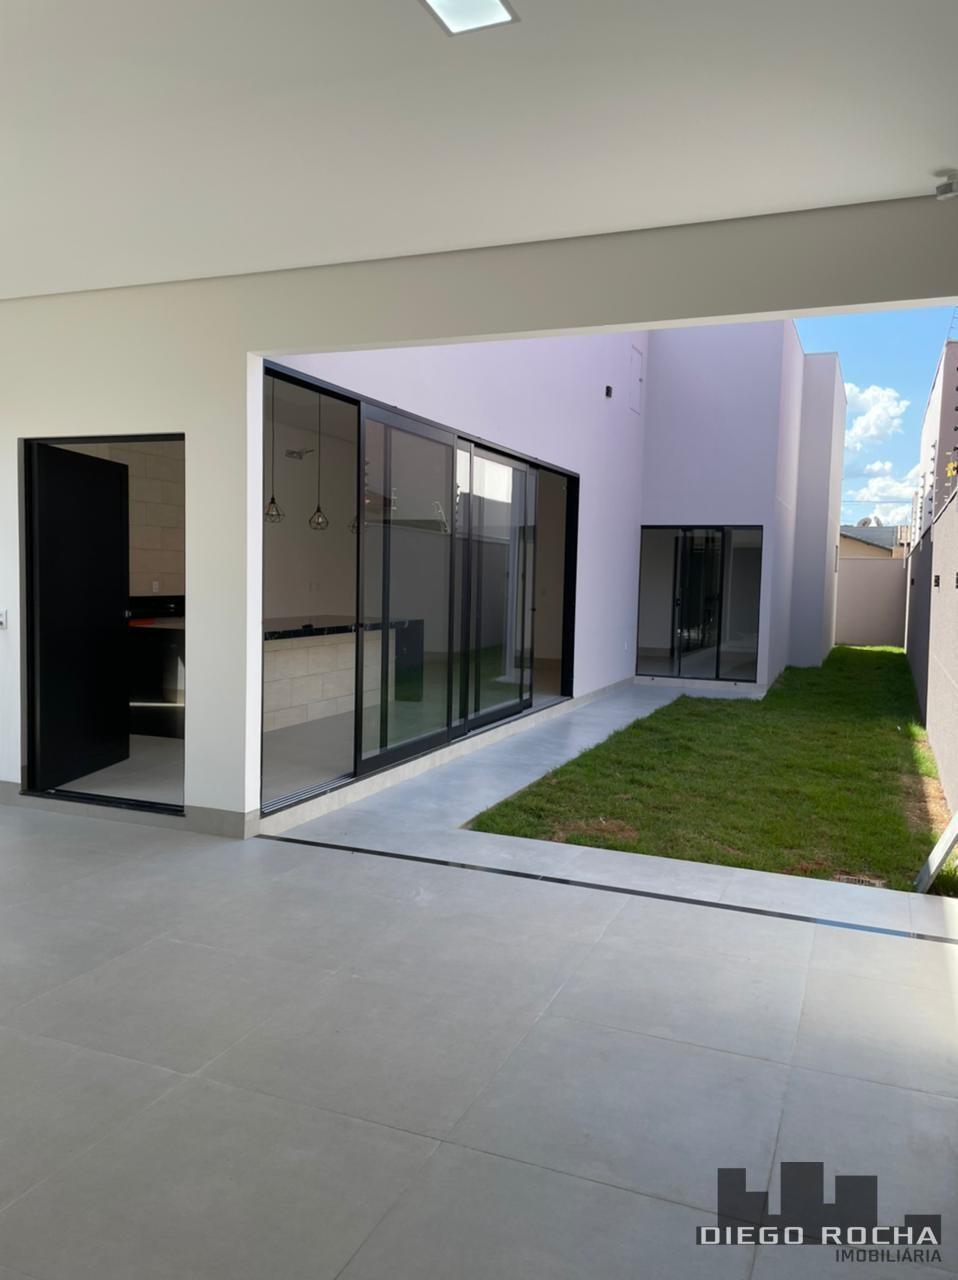 imoveis/2021/04/casa-de-alvenaria-excelente-imovel-venda-2636-2636-1-1619457657.jpg